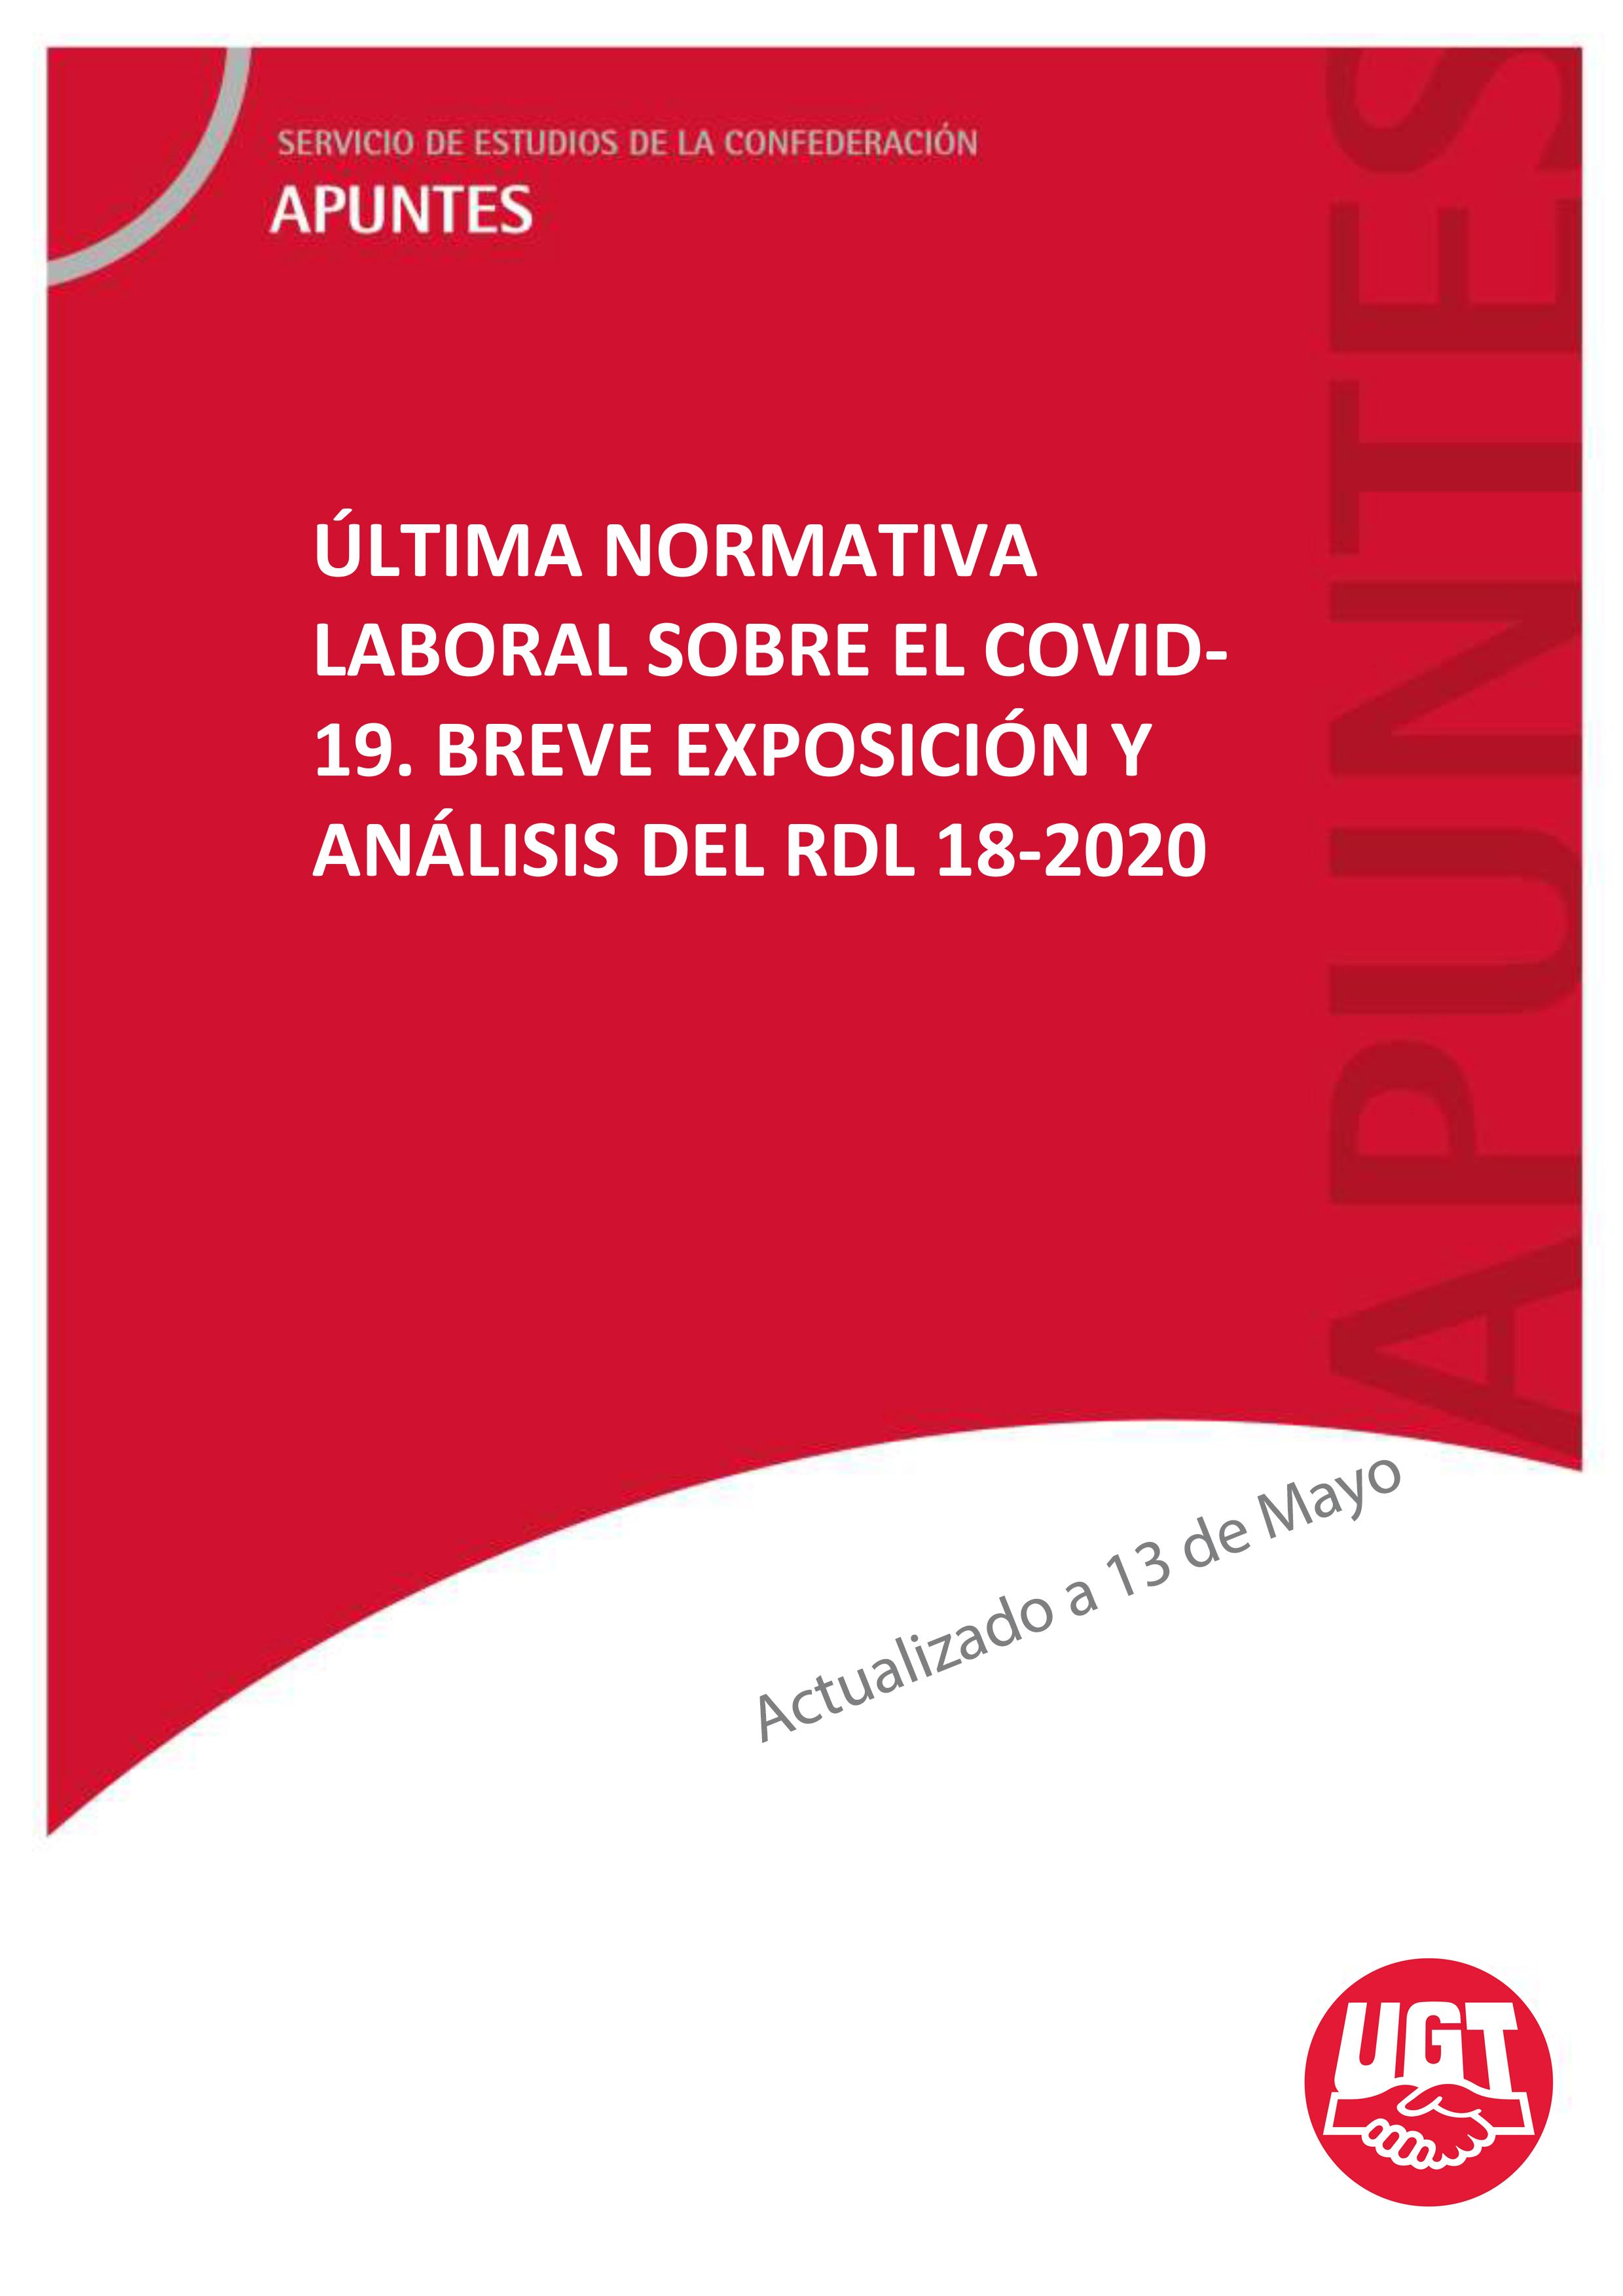 Apuntes de Normativa Laboral 21 de Abril actualización